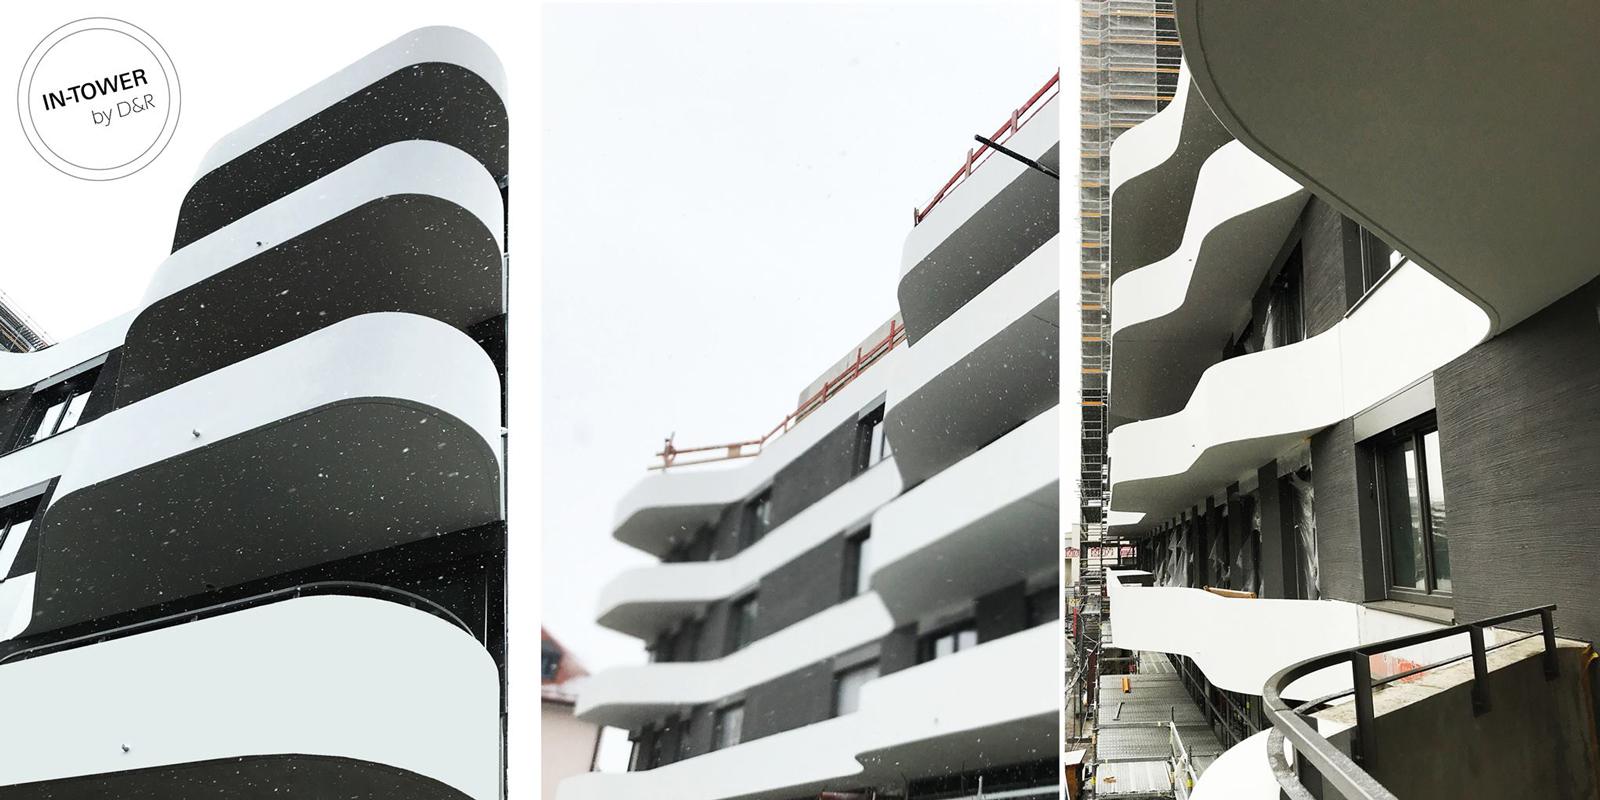 IN-Tower: Balkone, die sich wie bewegte Bänder um die Wohnungen legen, geben dem Wohnturm seine charakteristische Erscheinung. Visualisierung: ATP